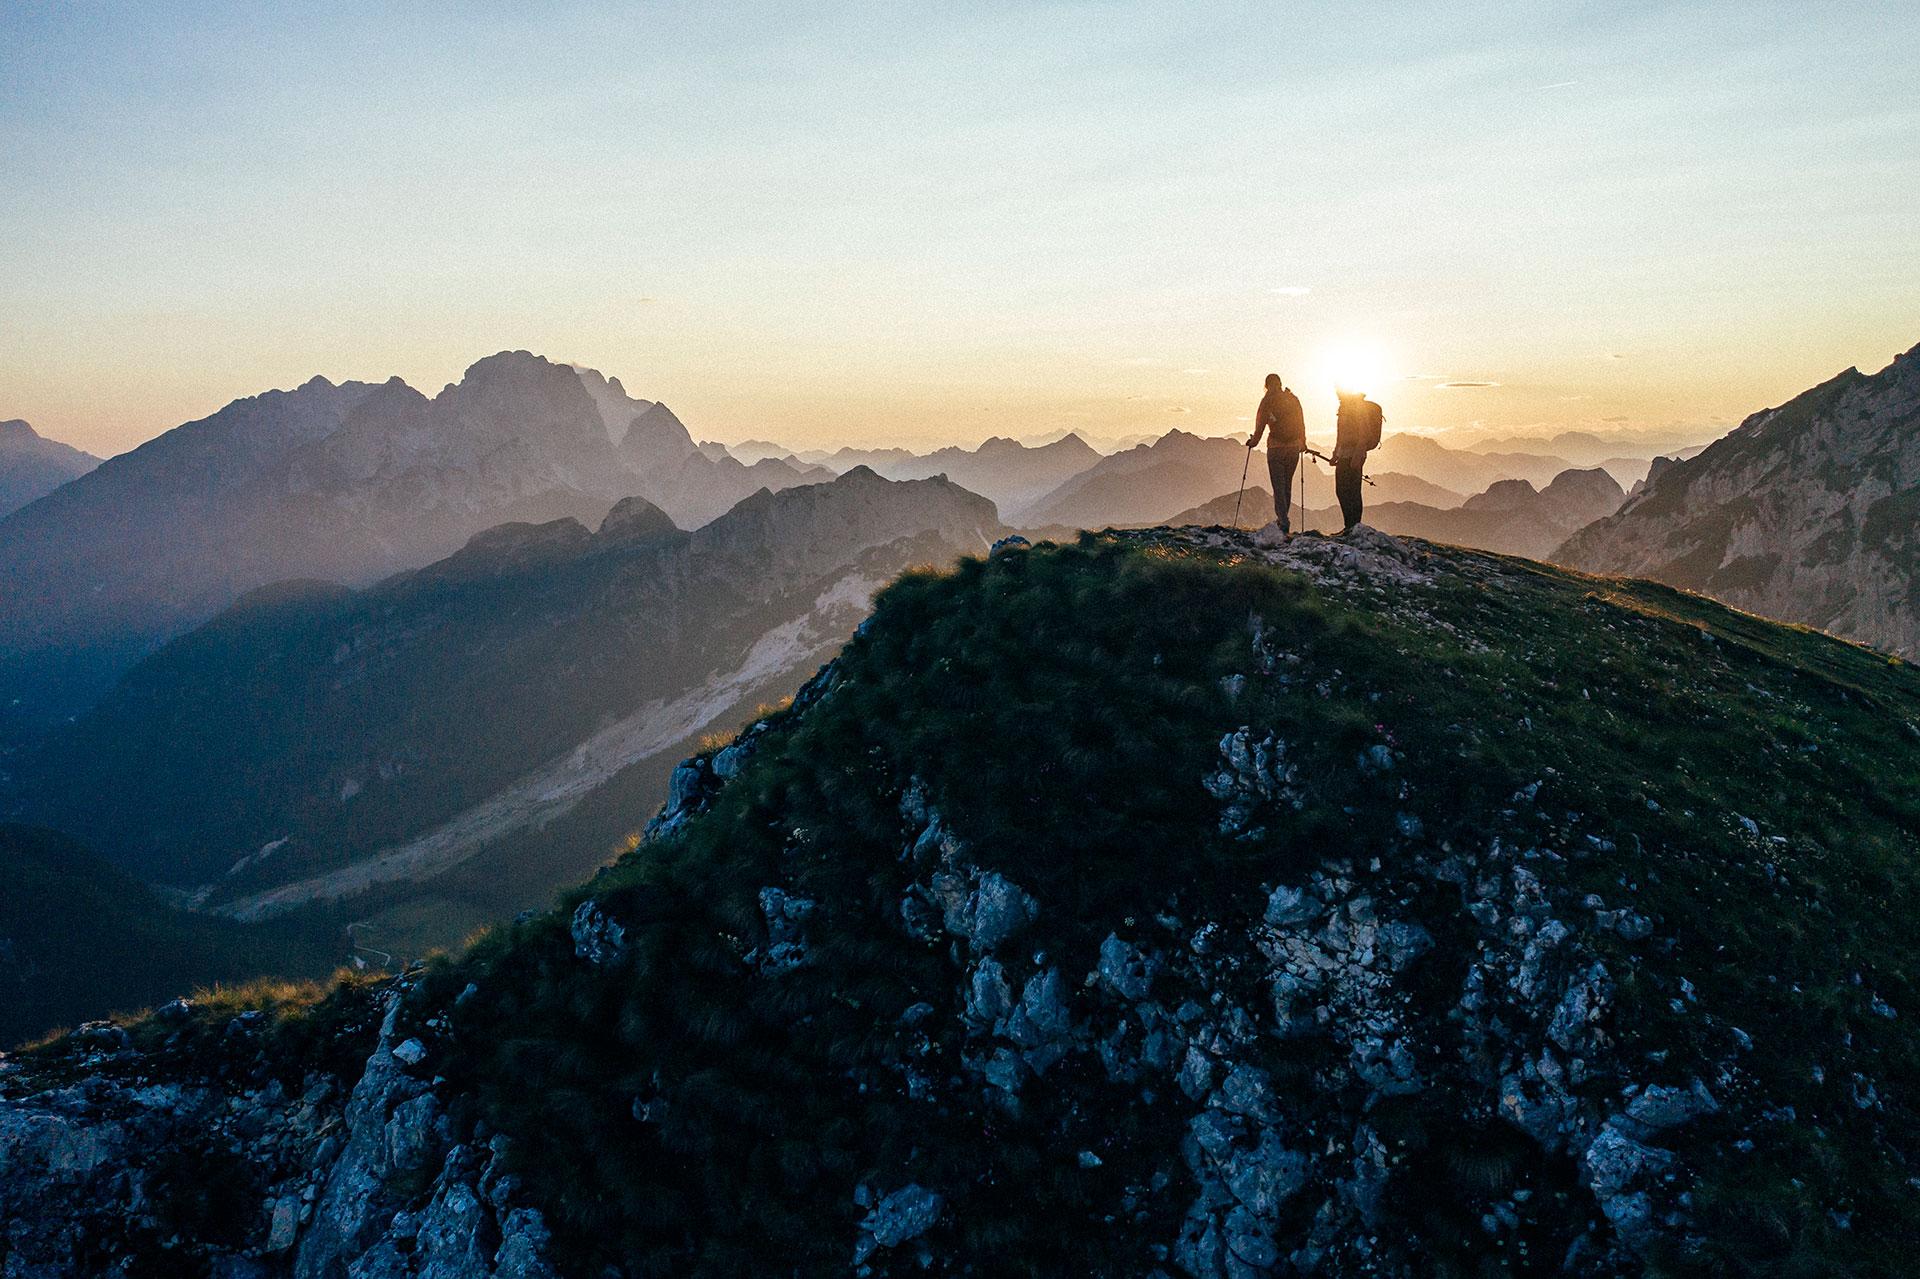 outdoor wandern trekking fotografie deutschland stuttgart foto shooting